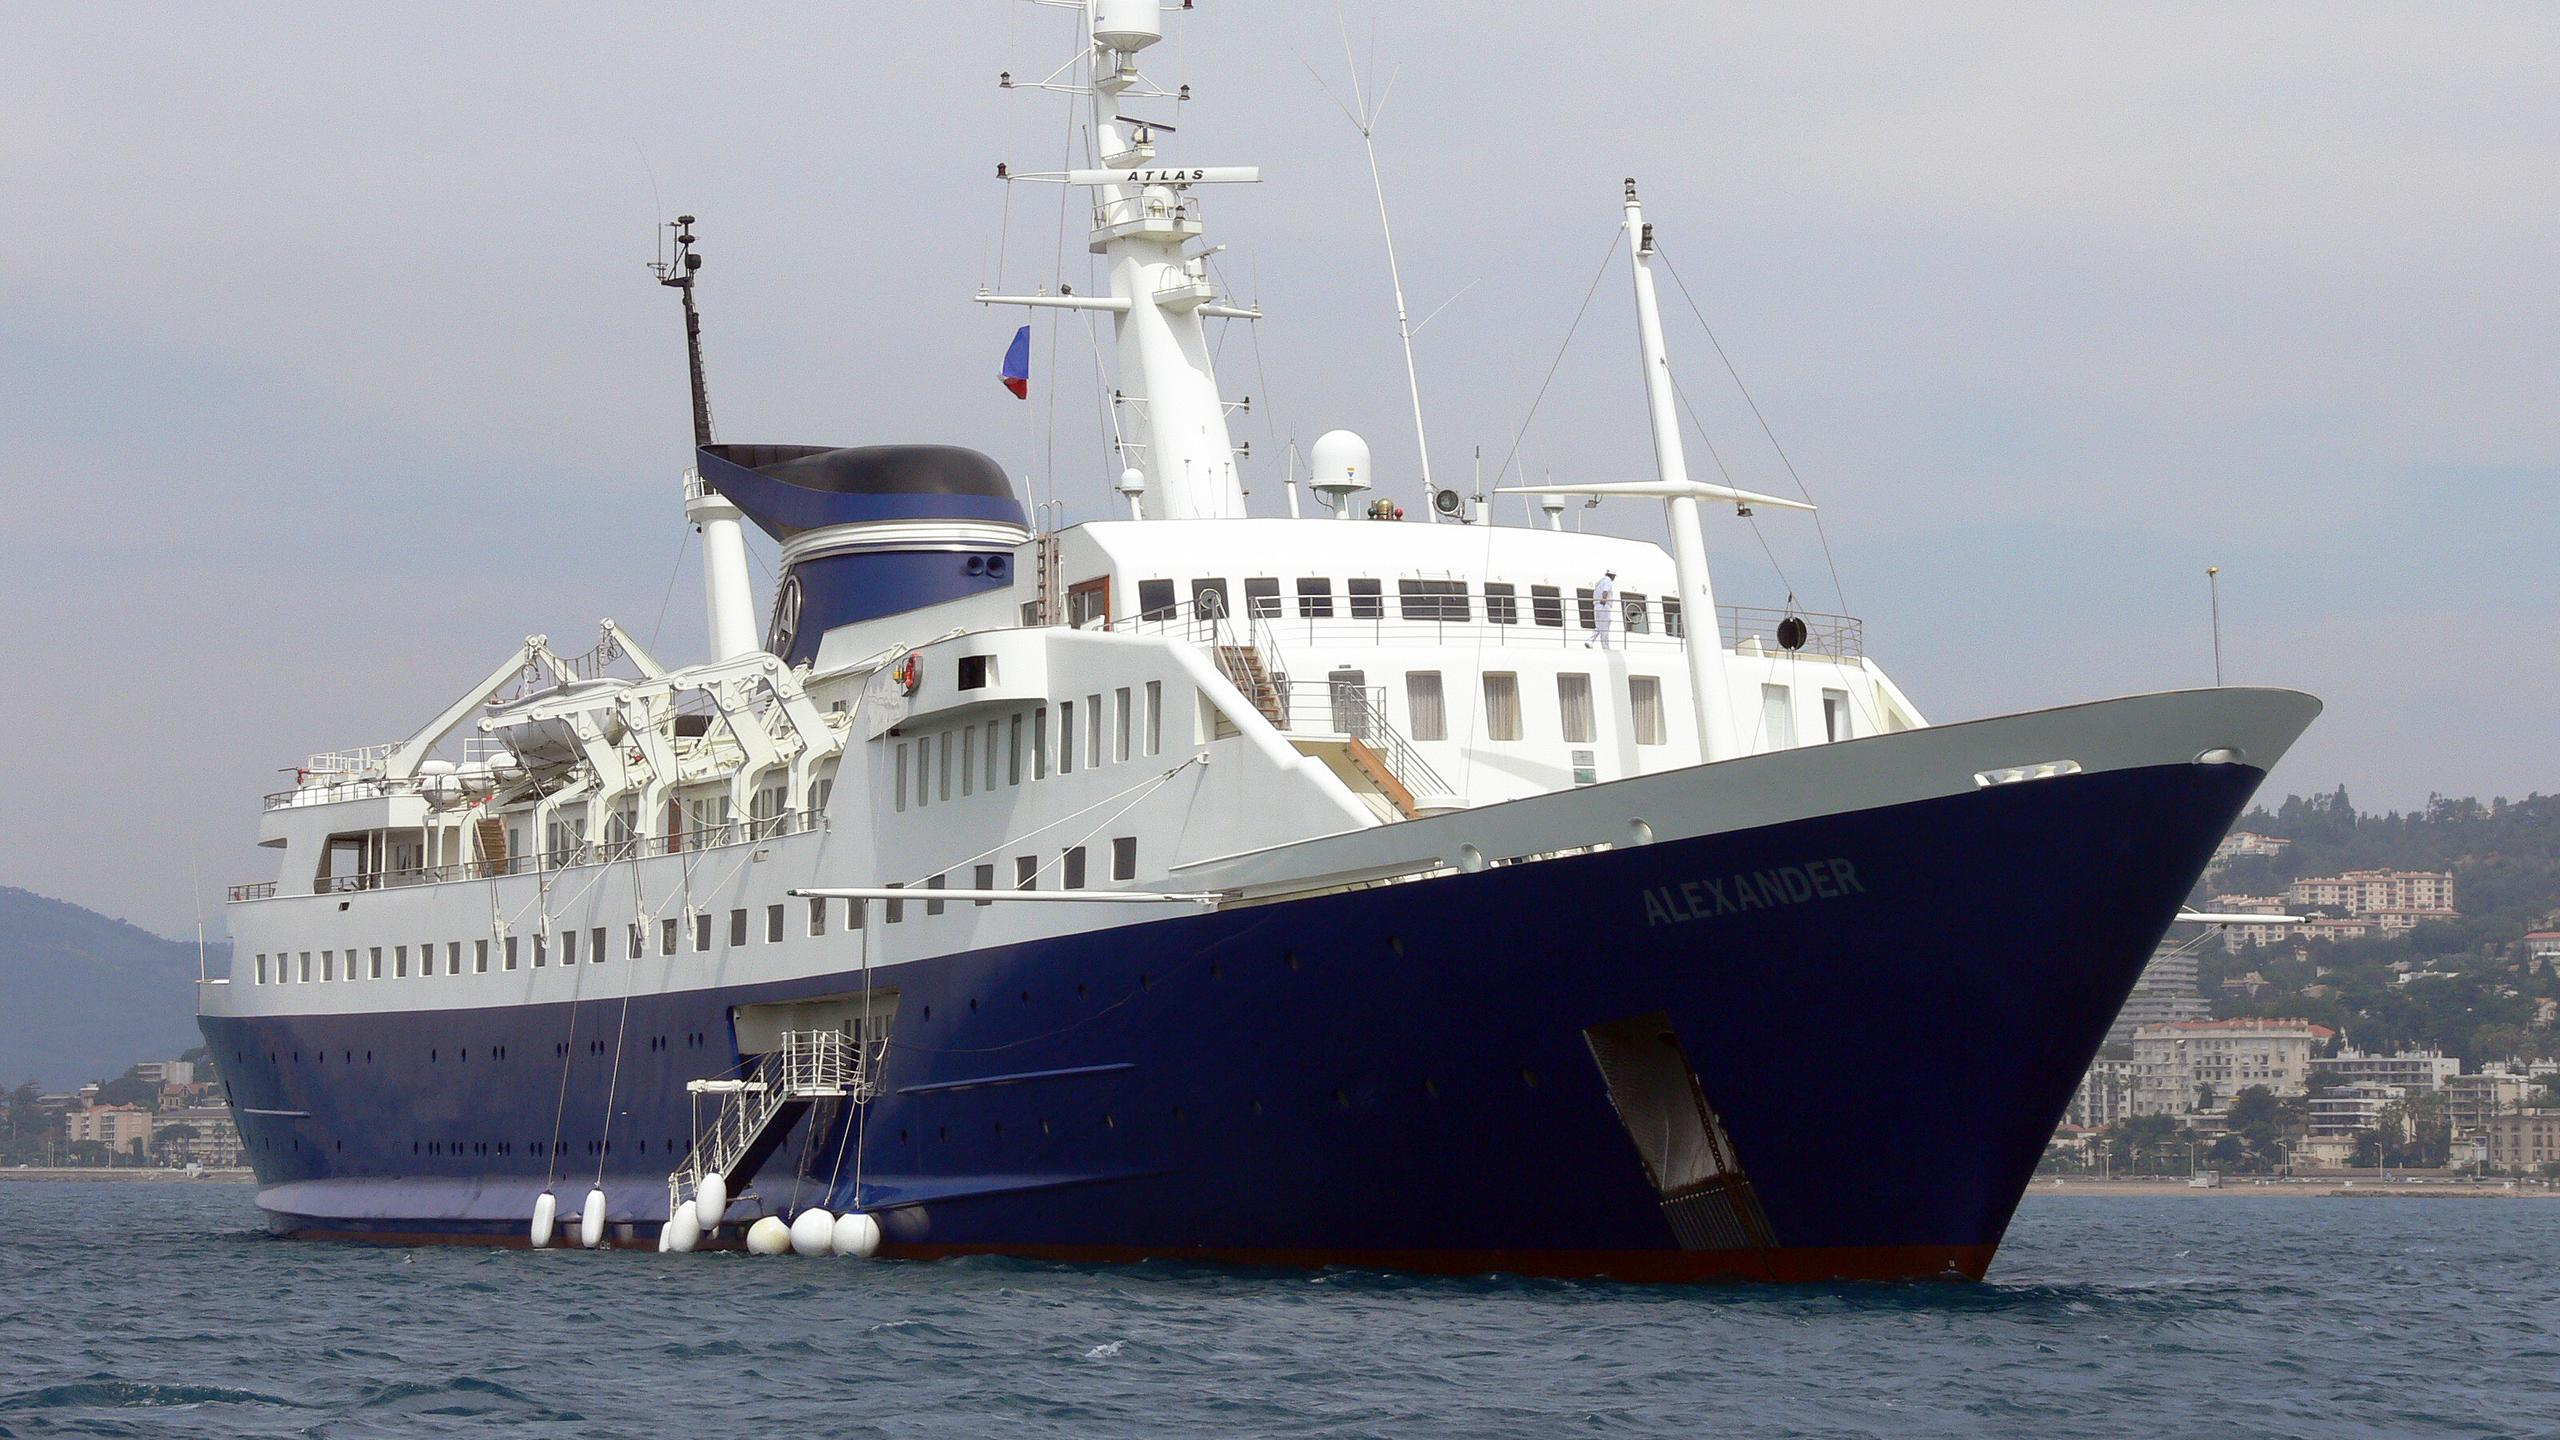 alexander-motor-yacht-lubecker-flender-werke-1965-122m-bow